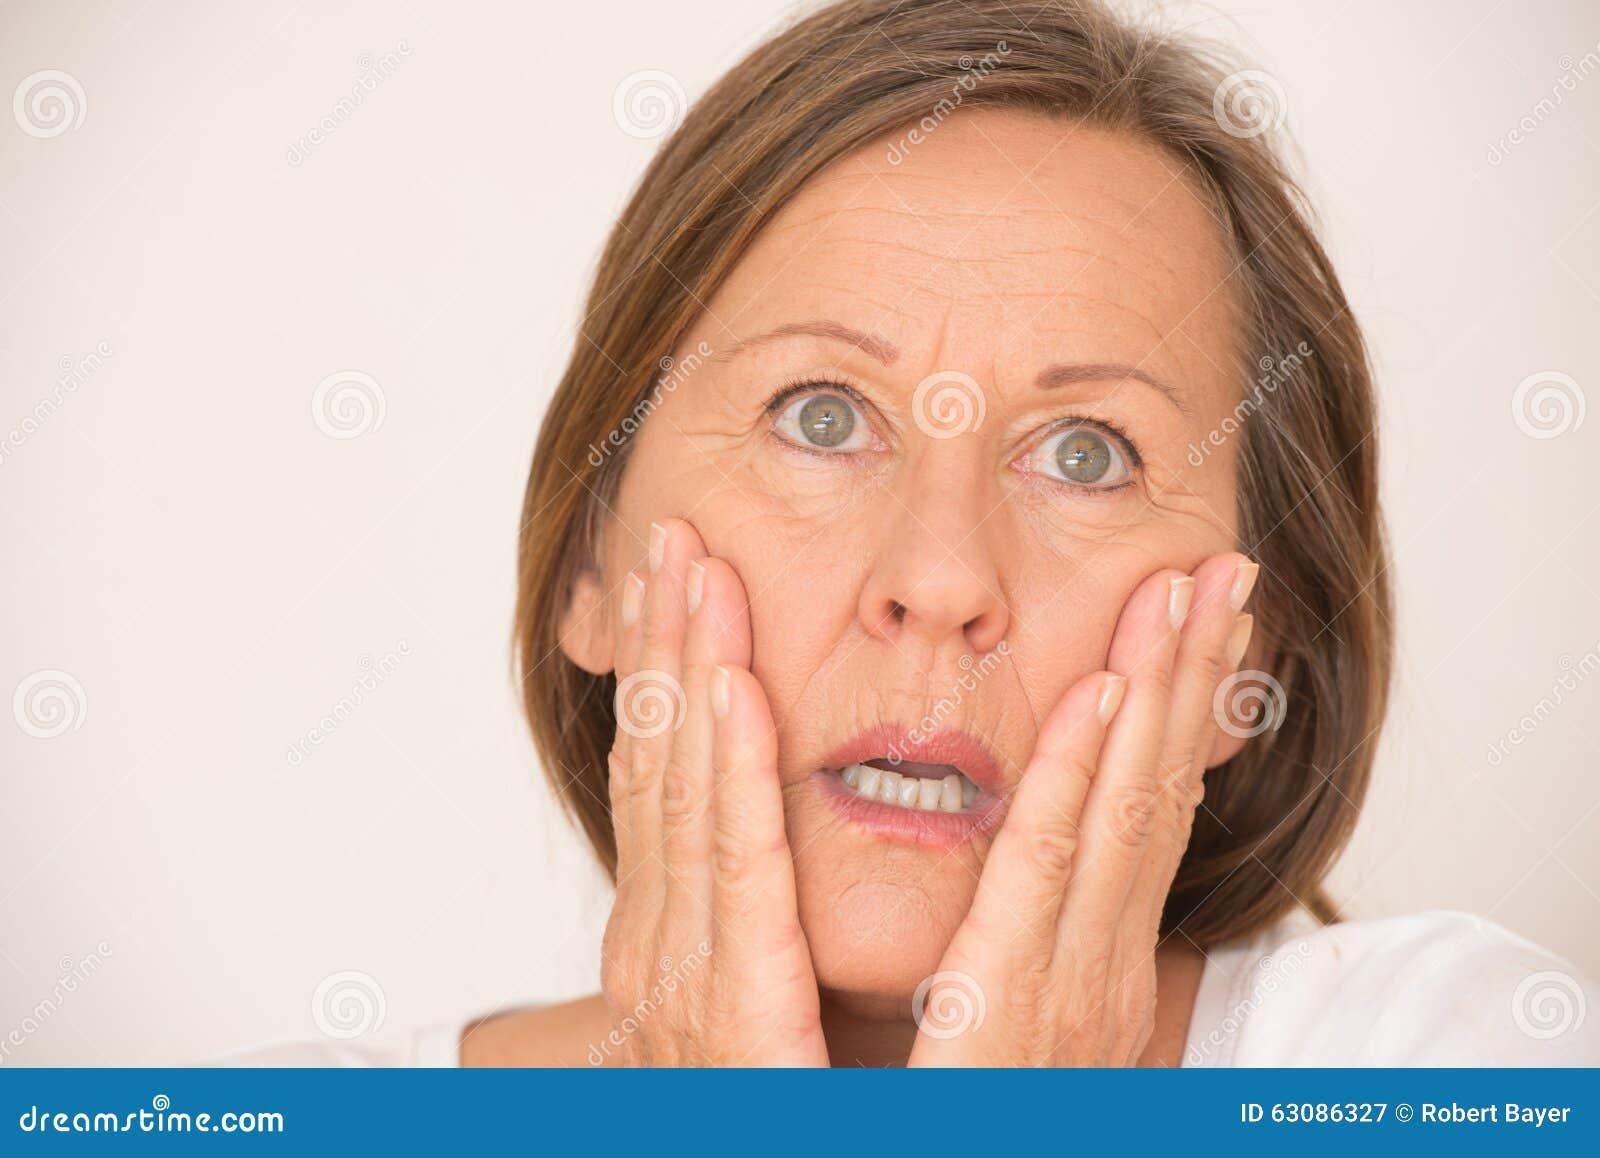 Download Scared A Choqué Le Portrait De Femme Image stock - Image du occasionnel, lifestyle: 63086327